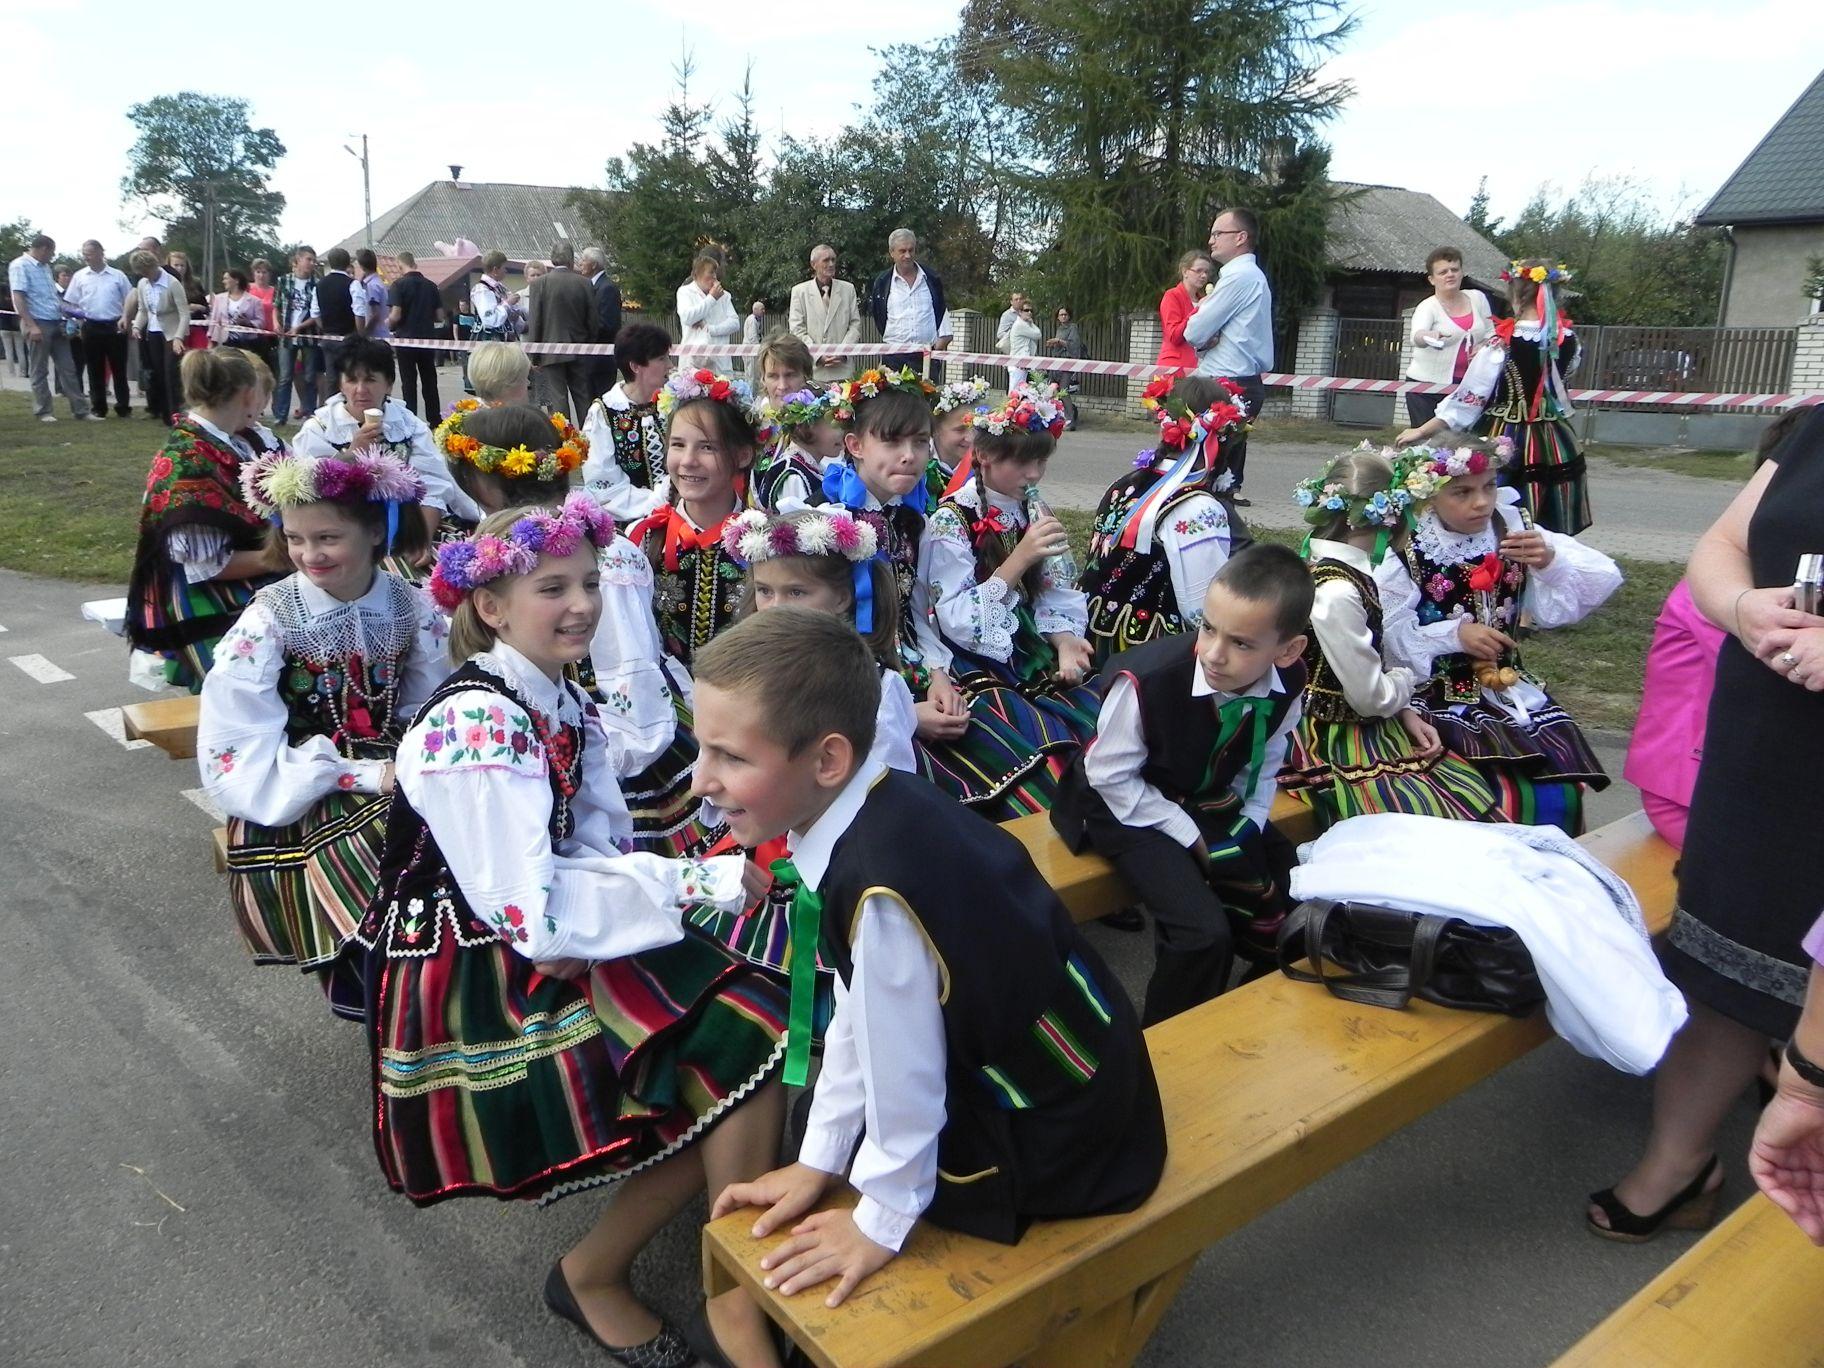 2012-09-09 Sierzchowy - dożynki (81)